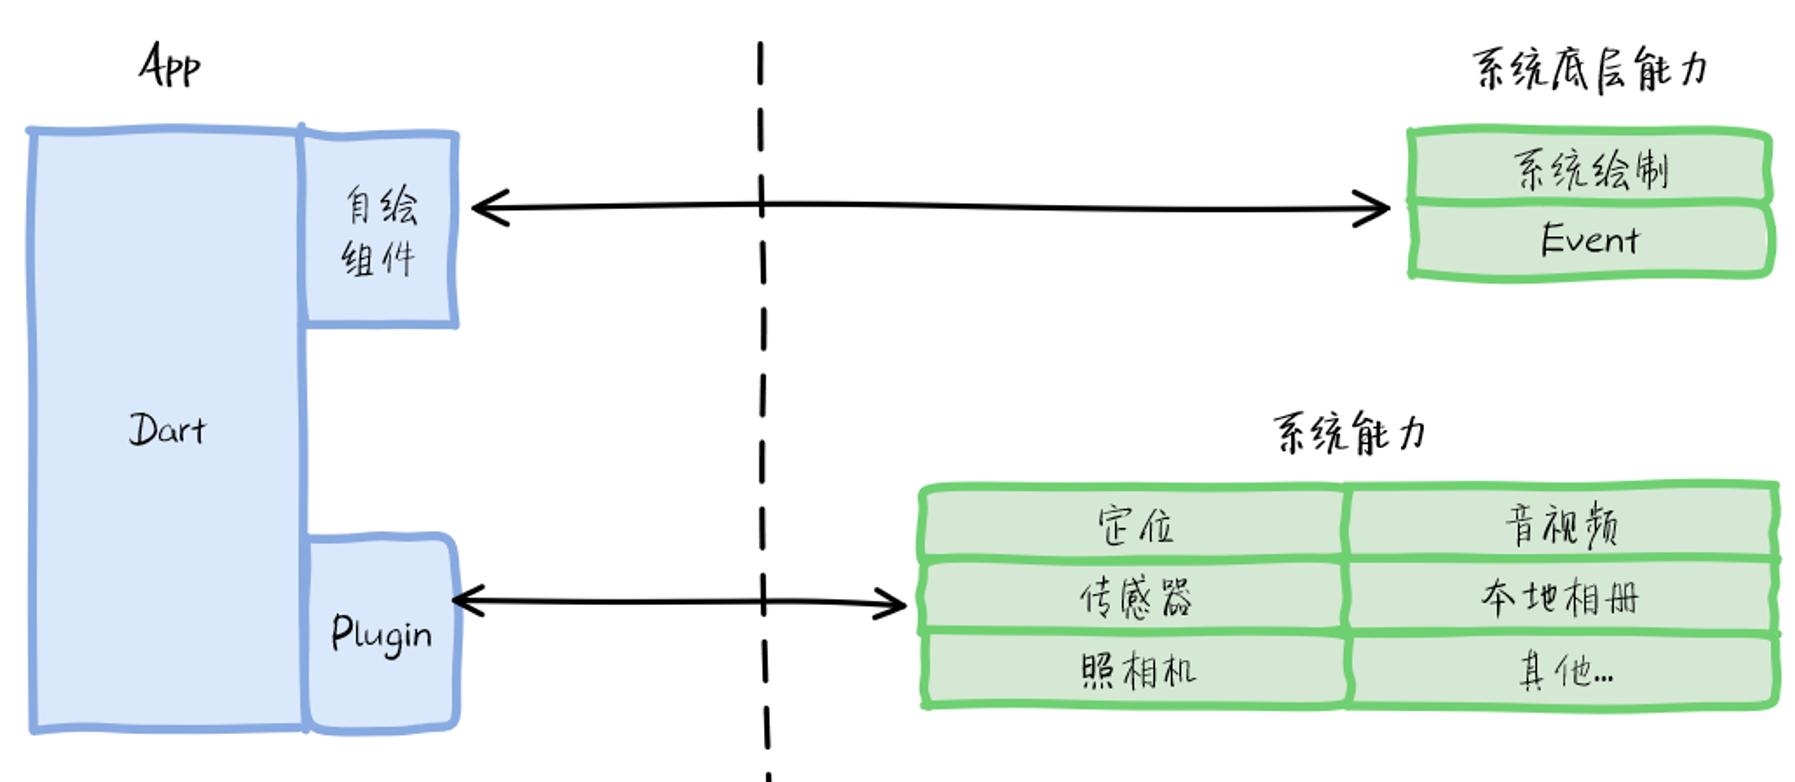 跨端方案3